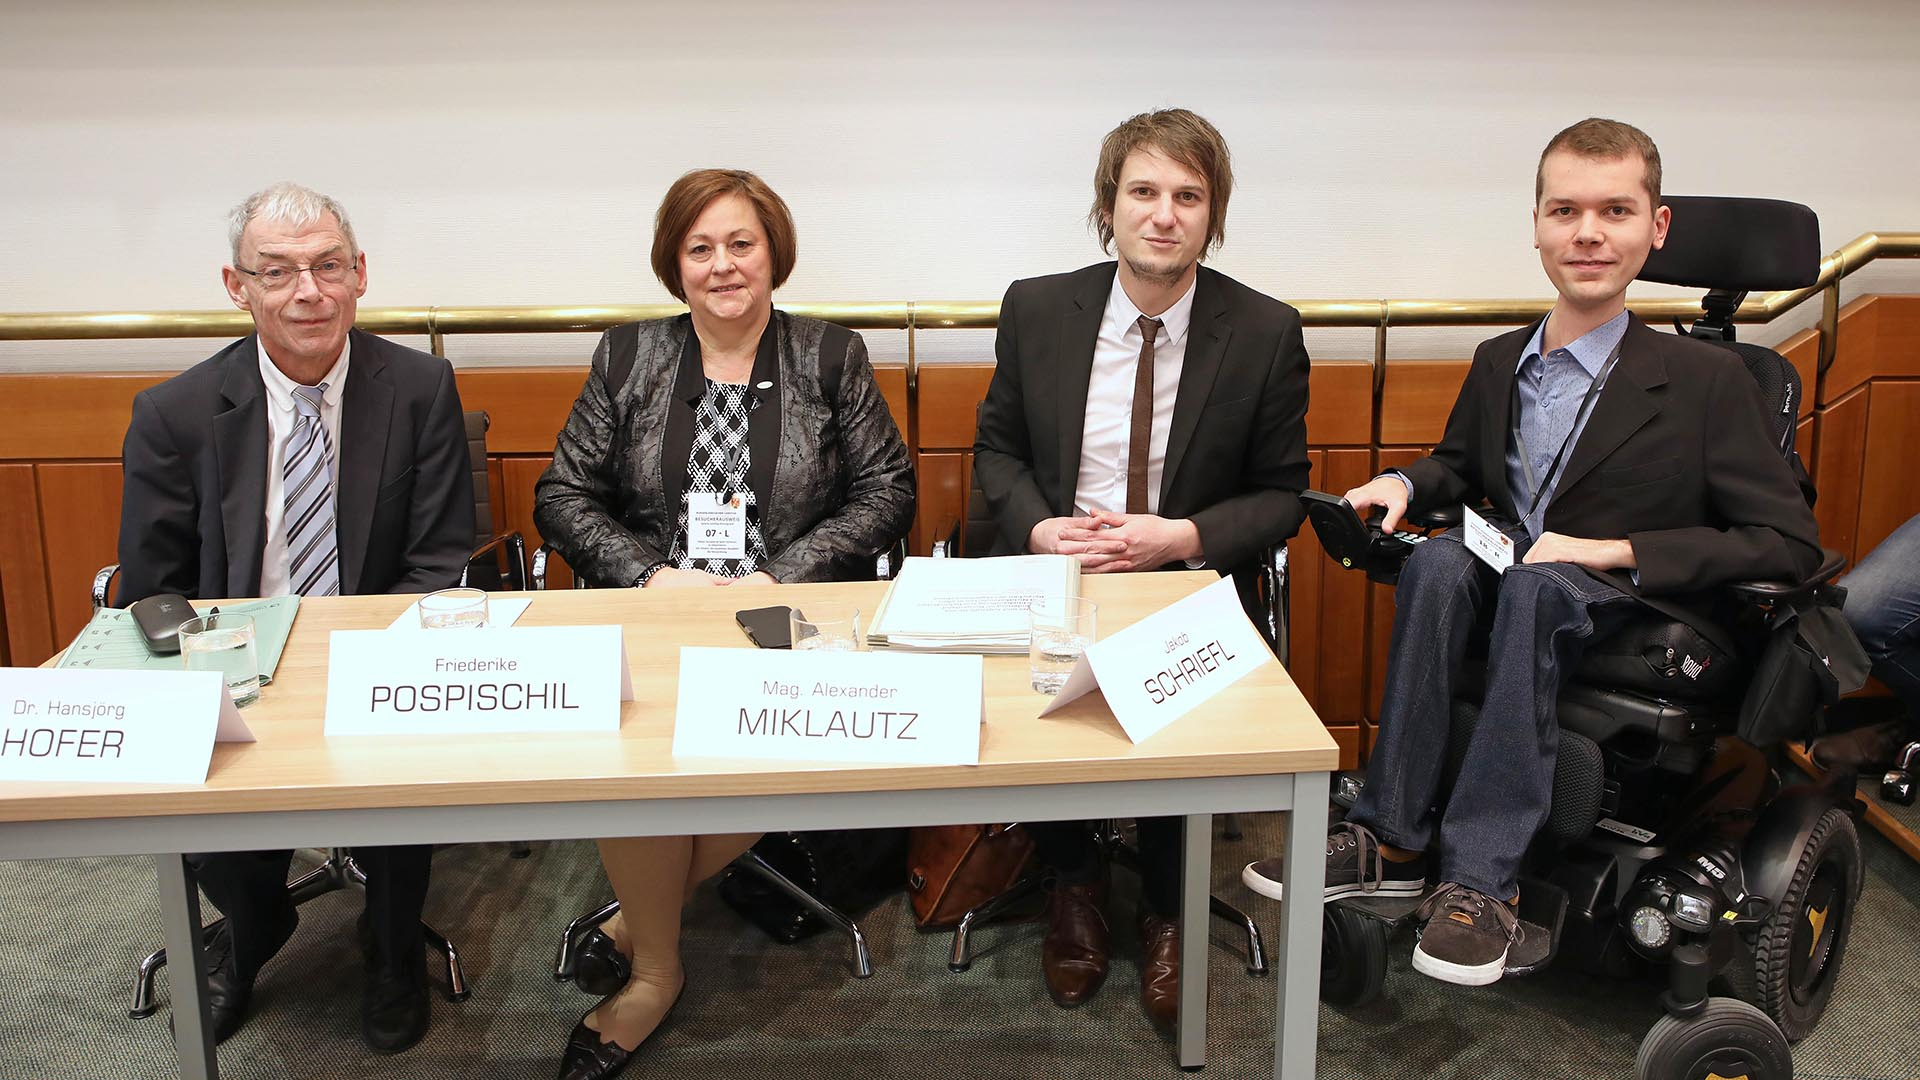 Behindertenanwalt Hansjörg Hofer, Friederike Pospischil (Präsidentin der niederösterreichischen Lebenshilfe), Alexander Miklautz (Sozialministerium) sowie Jakob Schriefl (ÖZIV)